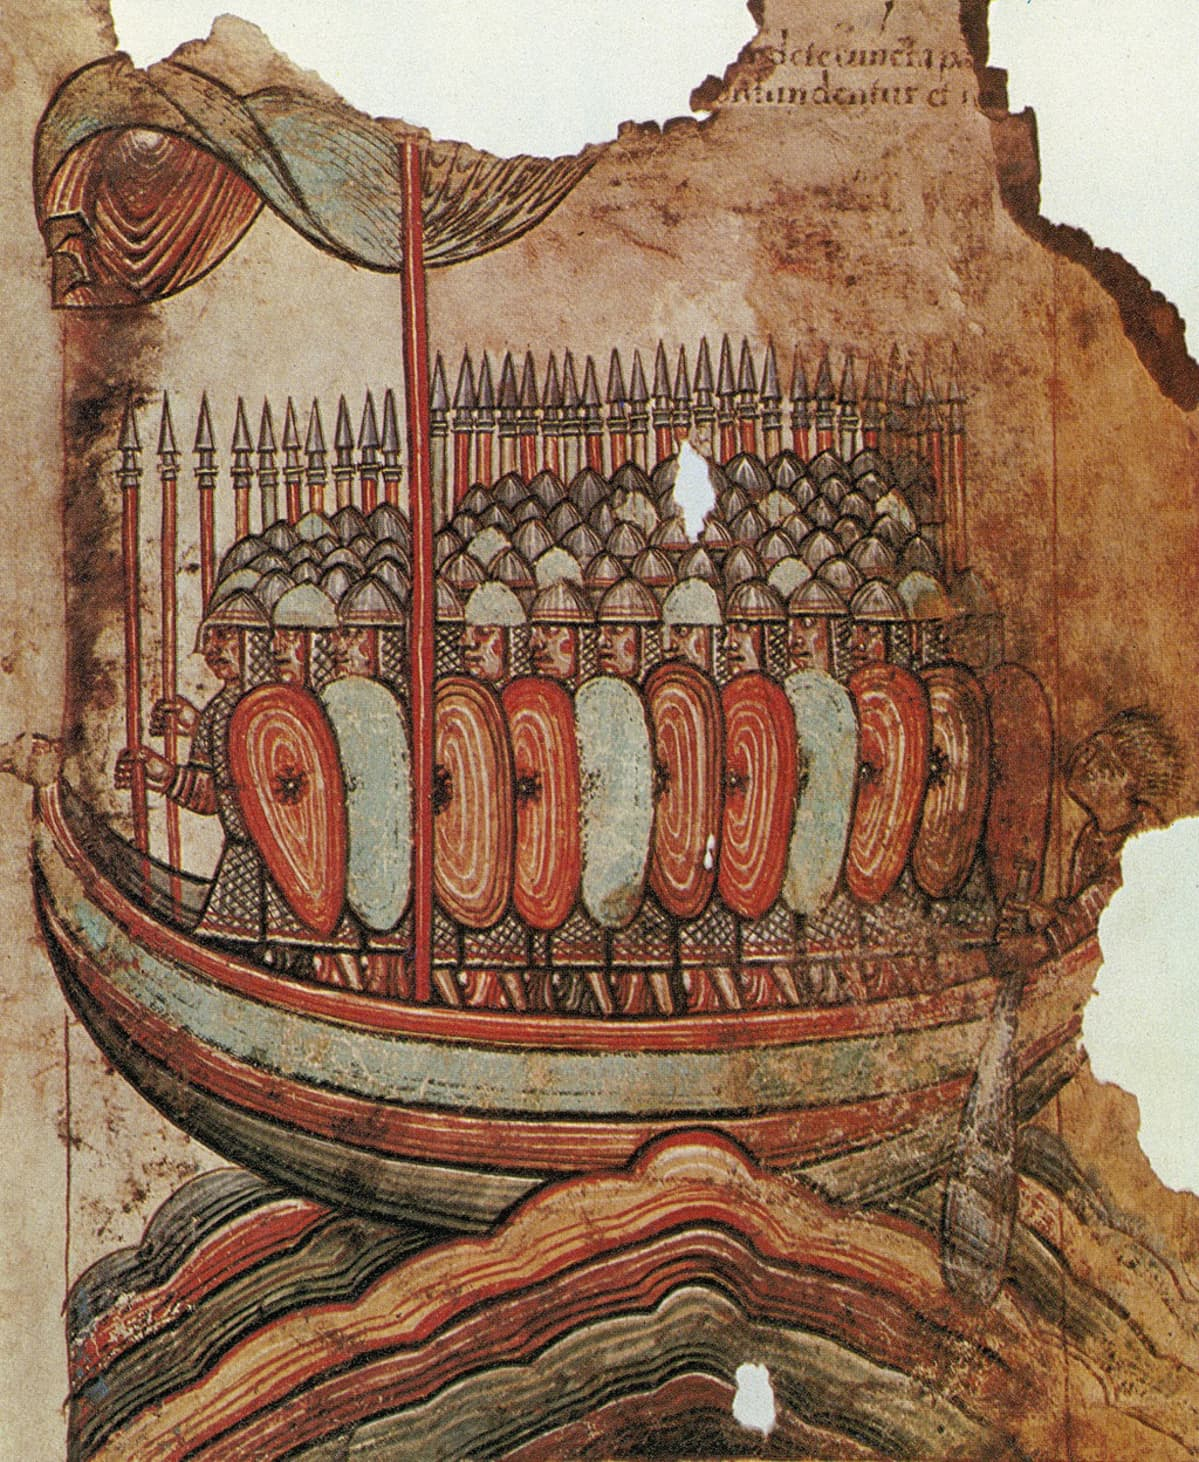 Viikinkilaiva täynnä kypäräpäisiä viikinkejä kilpineen ja keihäineen.